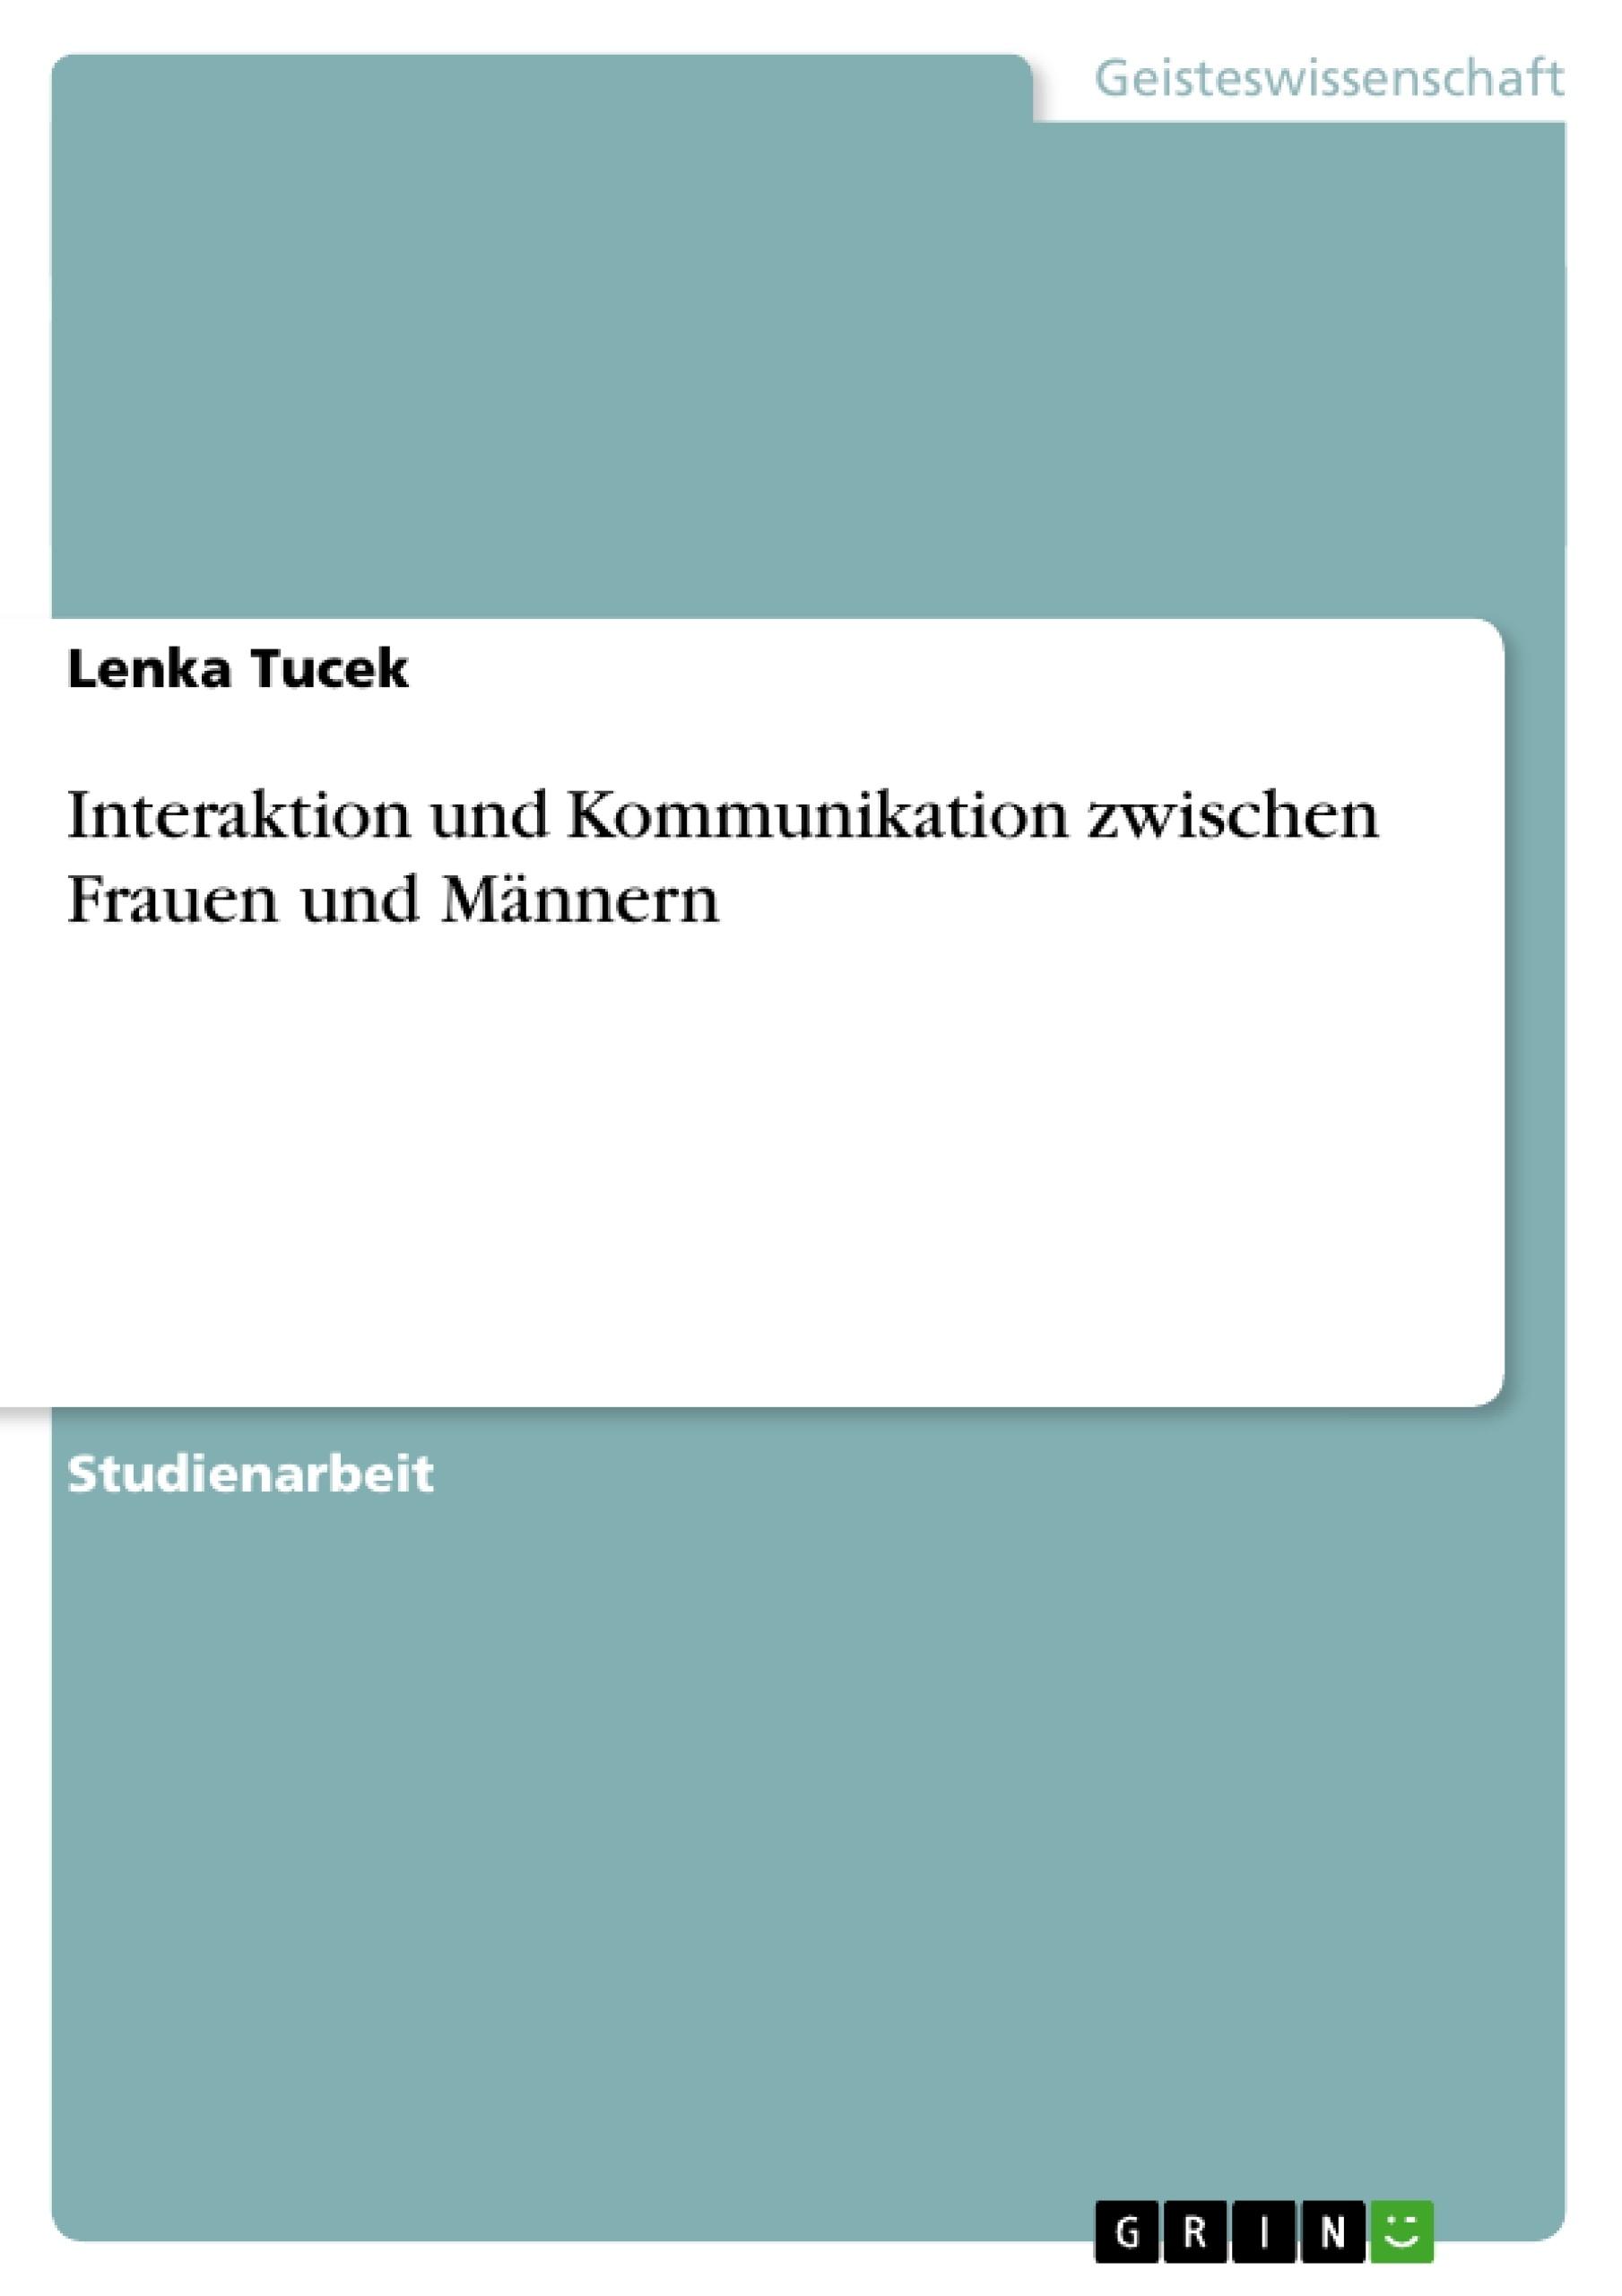 Titel: Interaktion und Kommunikation zwischen Frauen und Männern